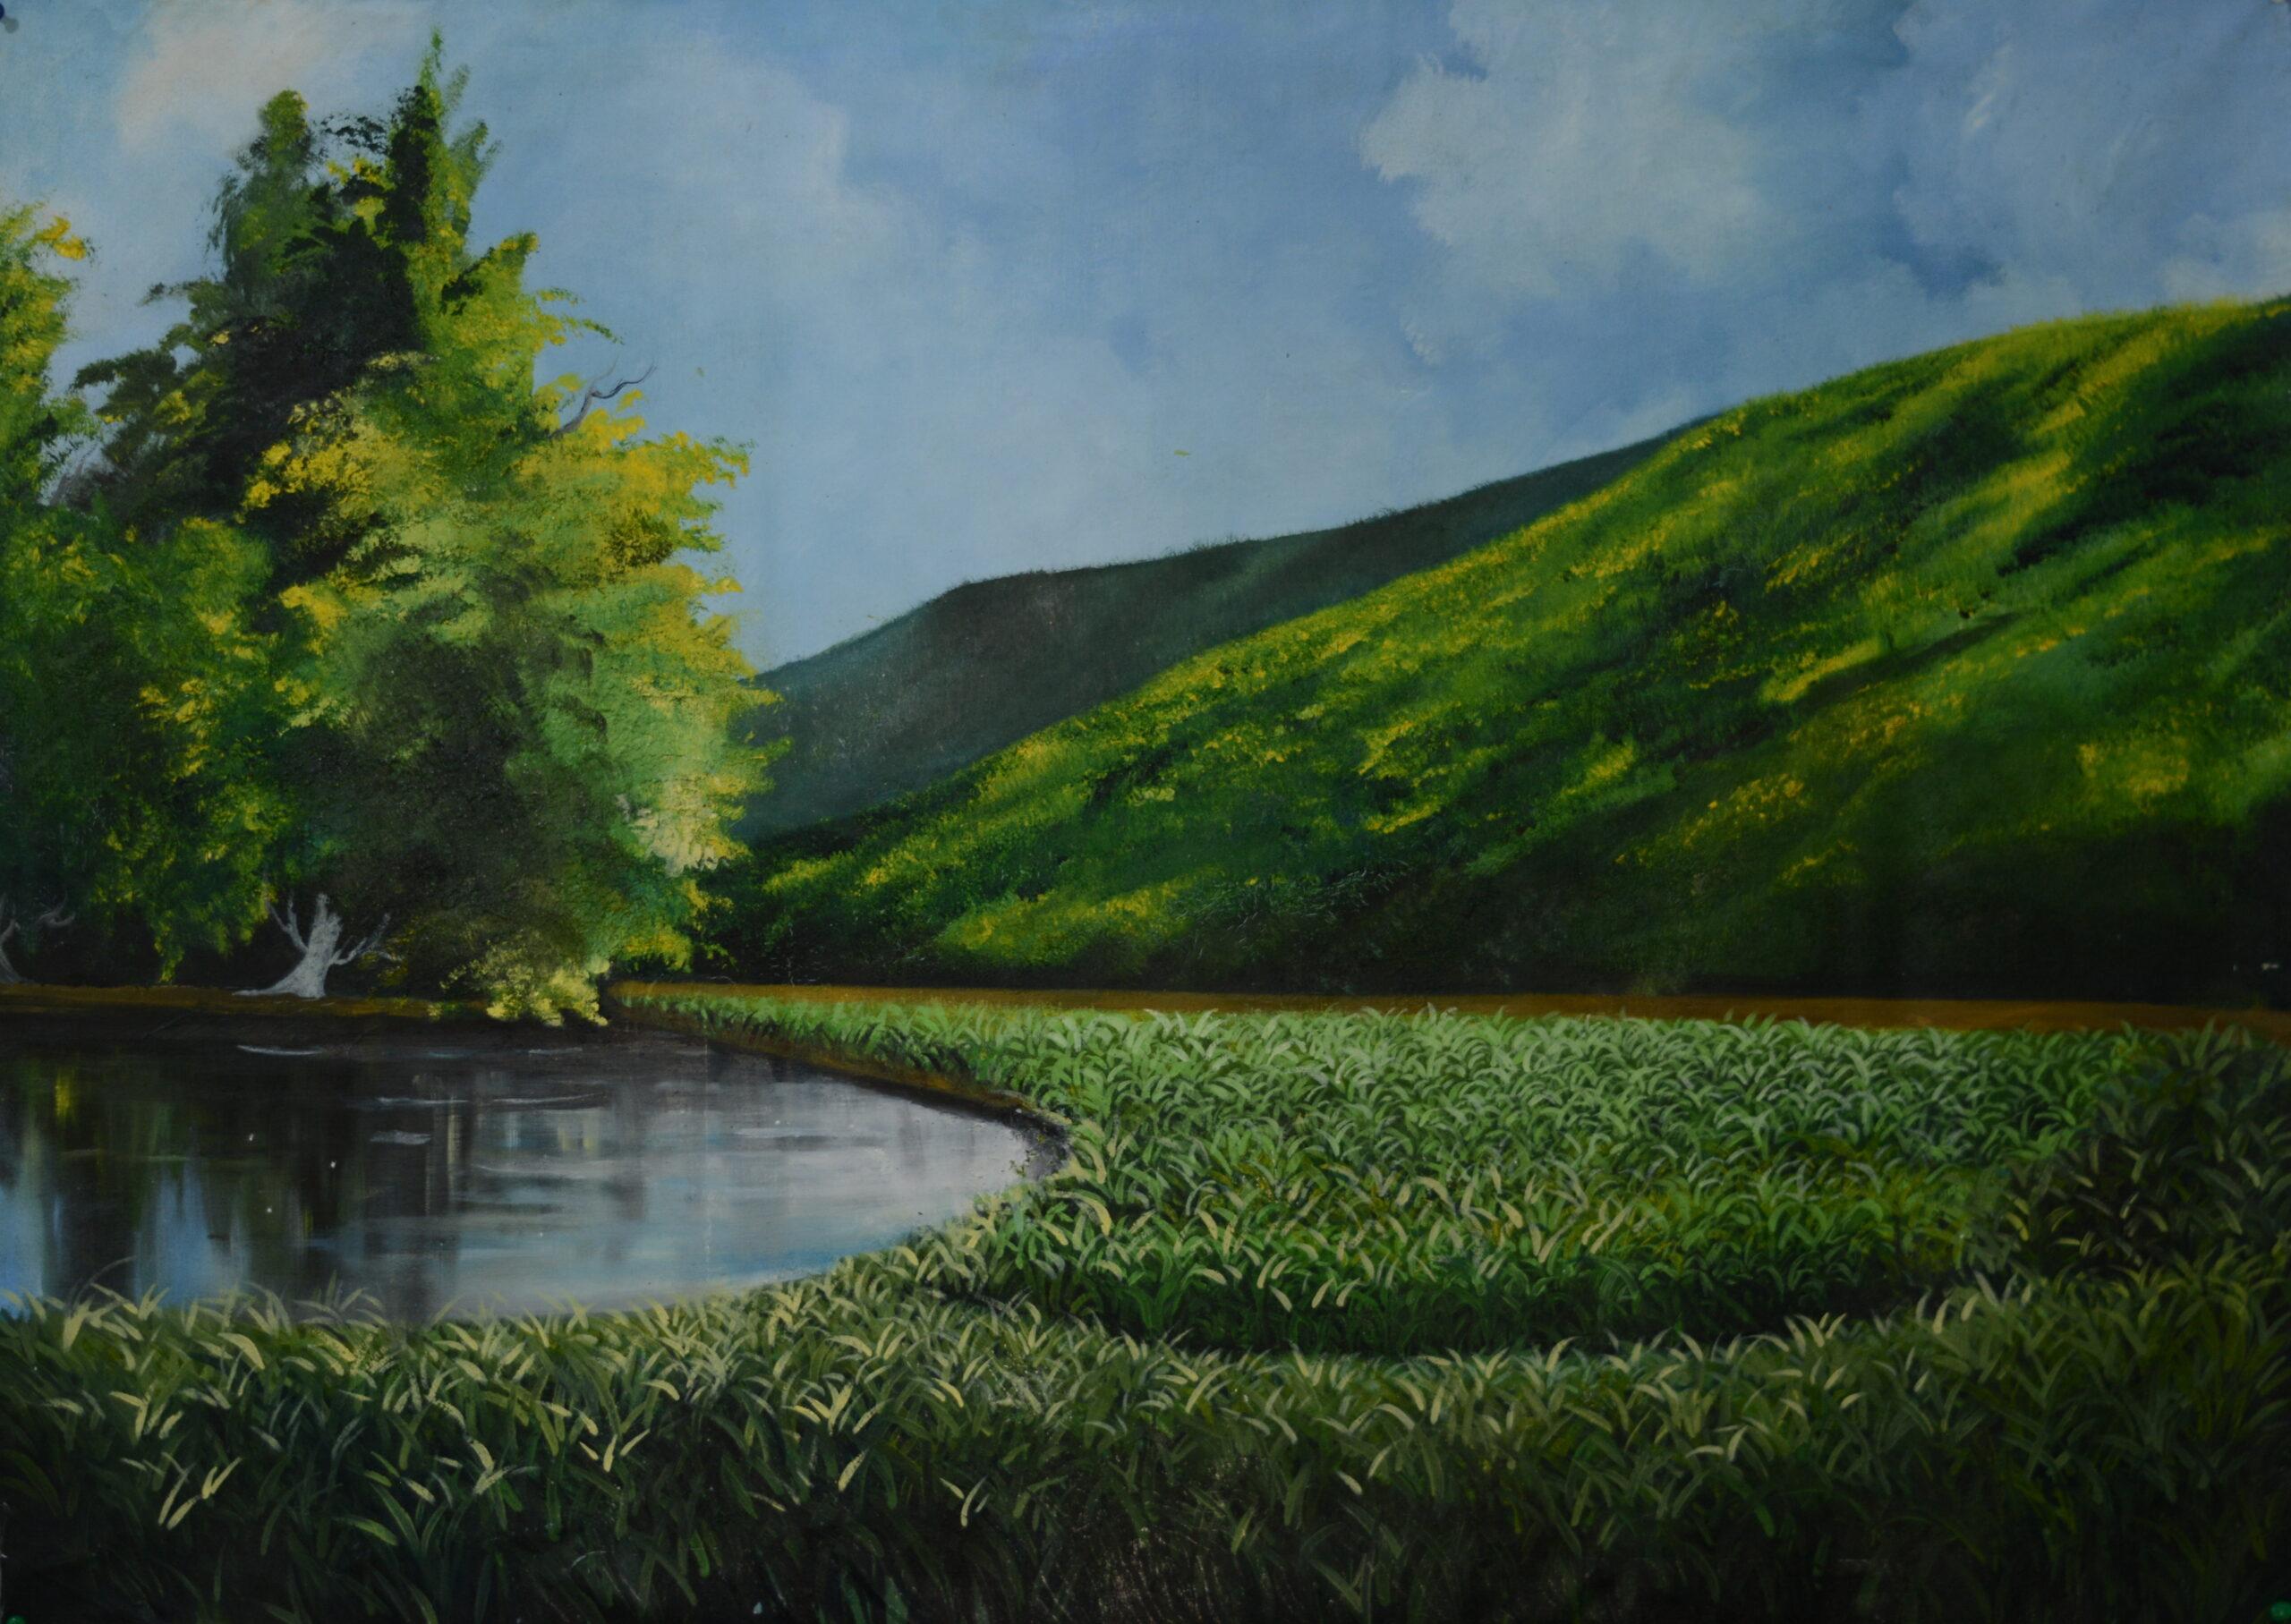 Landscape_G. Nayani Chathumali